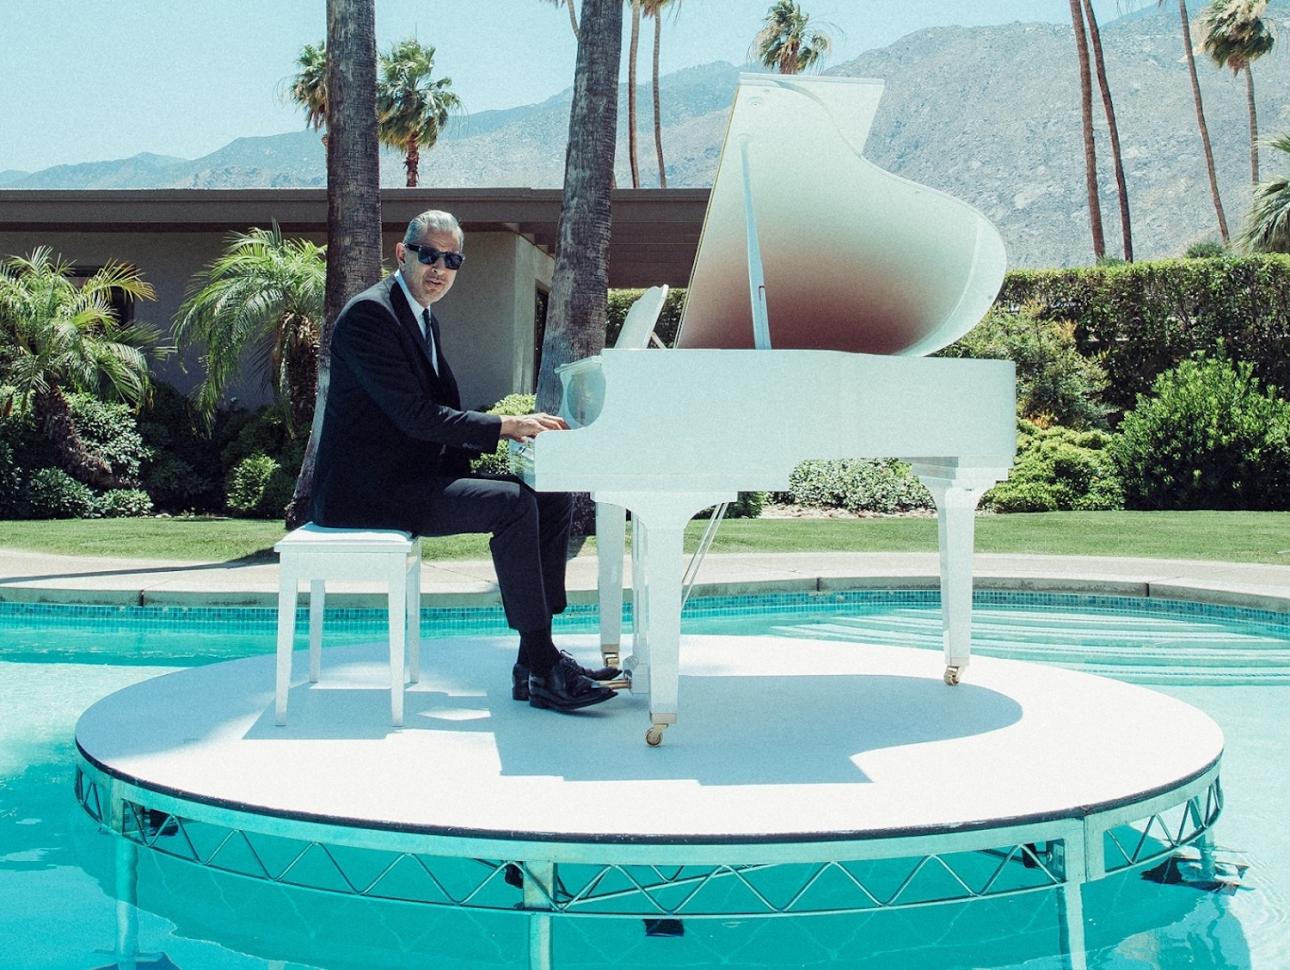 Sharon Van Etten, Anna Calvi, and more will feature on Jeff Goldblum's new album